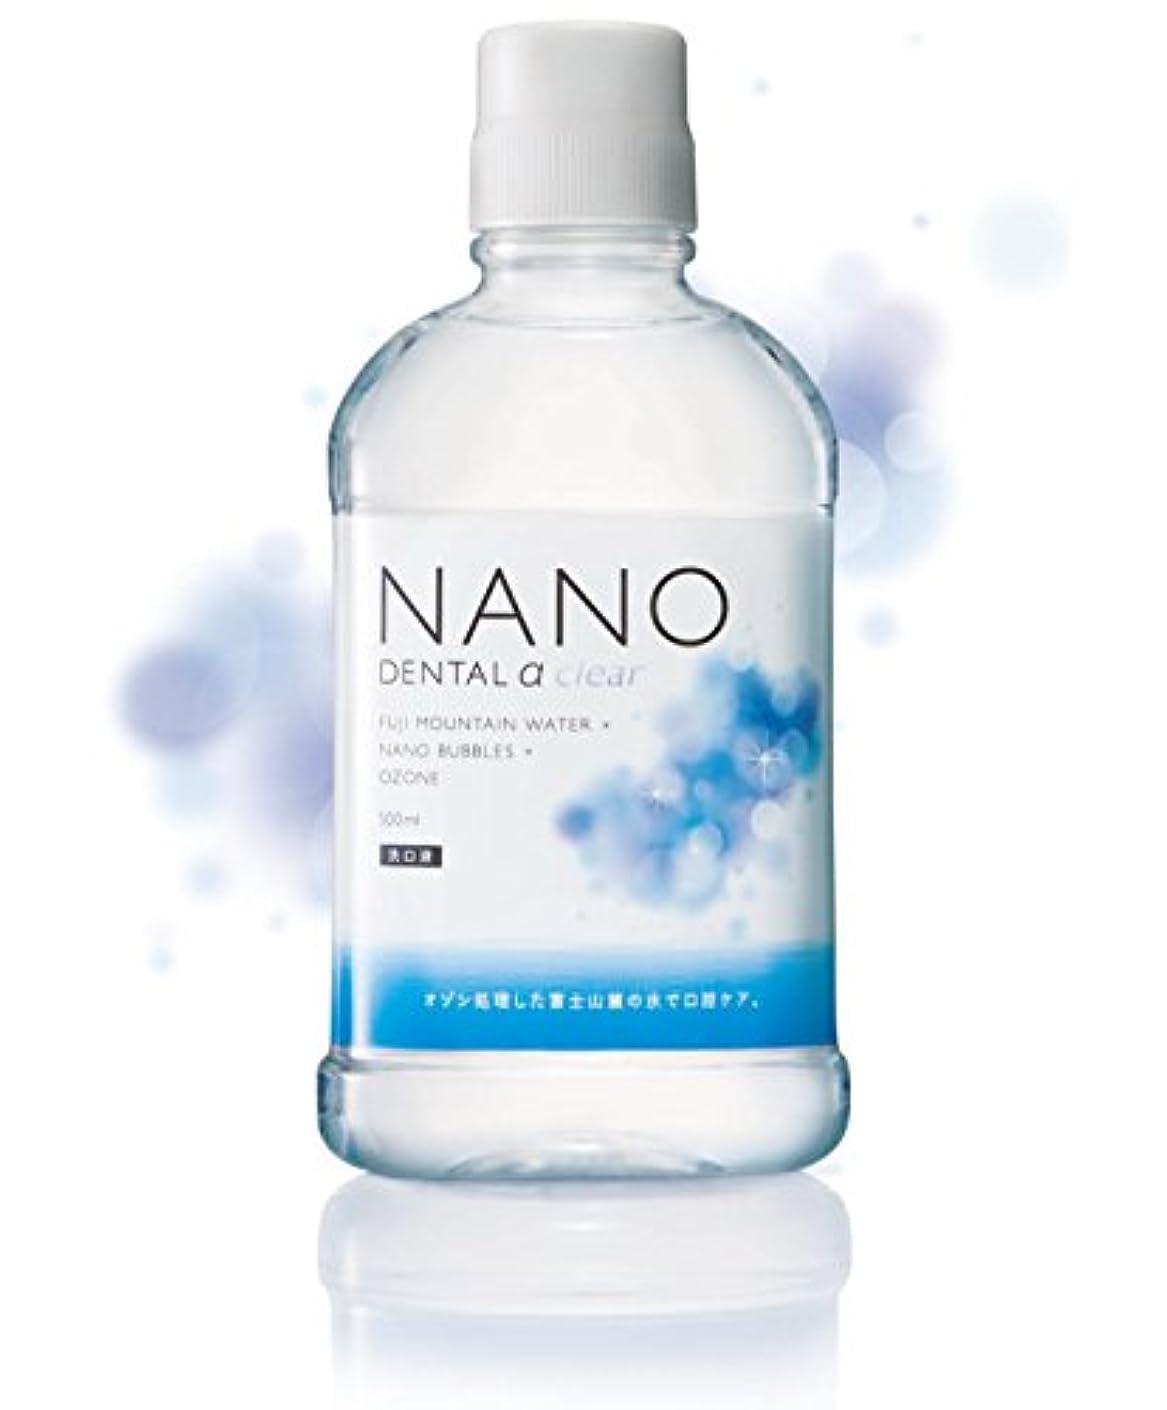 オーバーコート用語集くしゃくしゃ無添加! ナノデンタルアルファ クリア NANODENTALα Clear 500mL オゾンナノバブルで歯周病?口臭予防